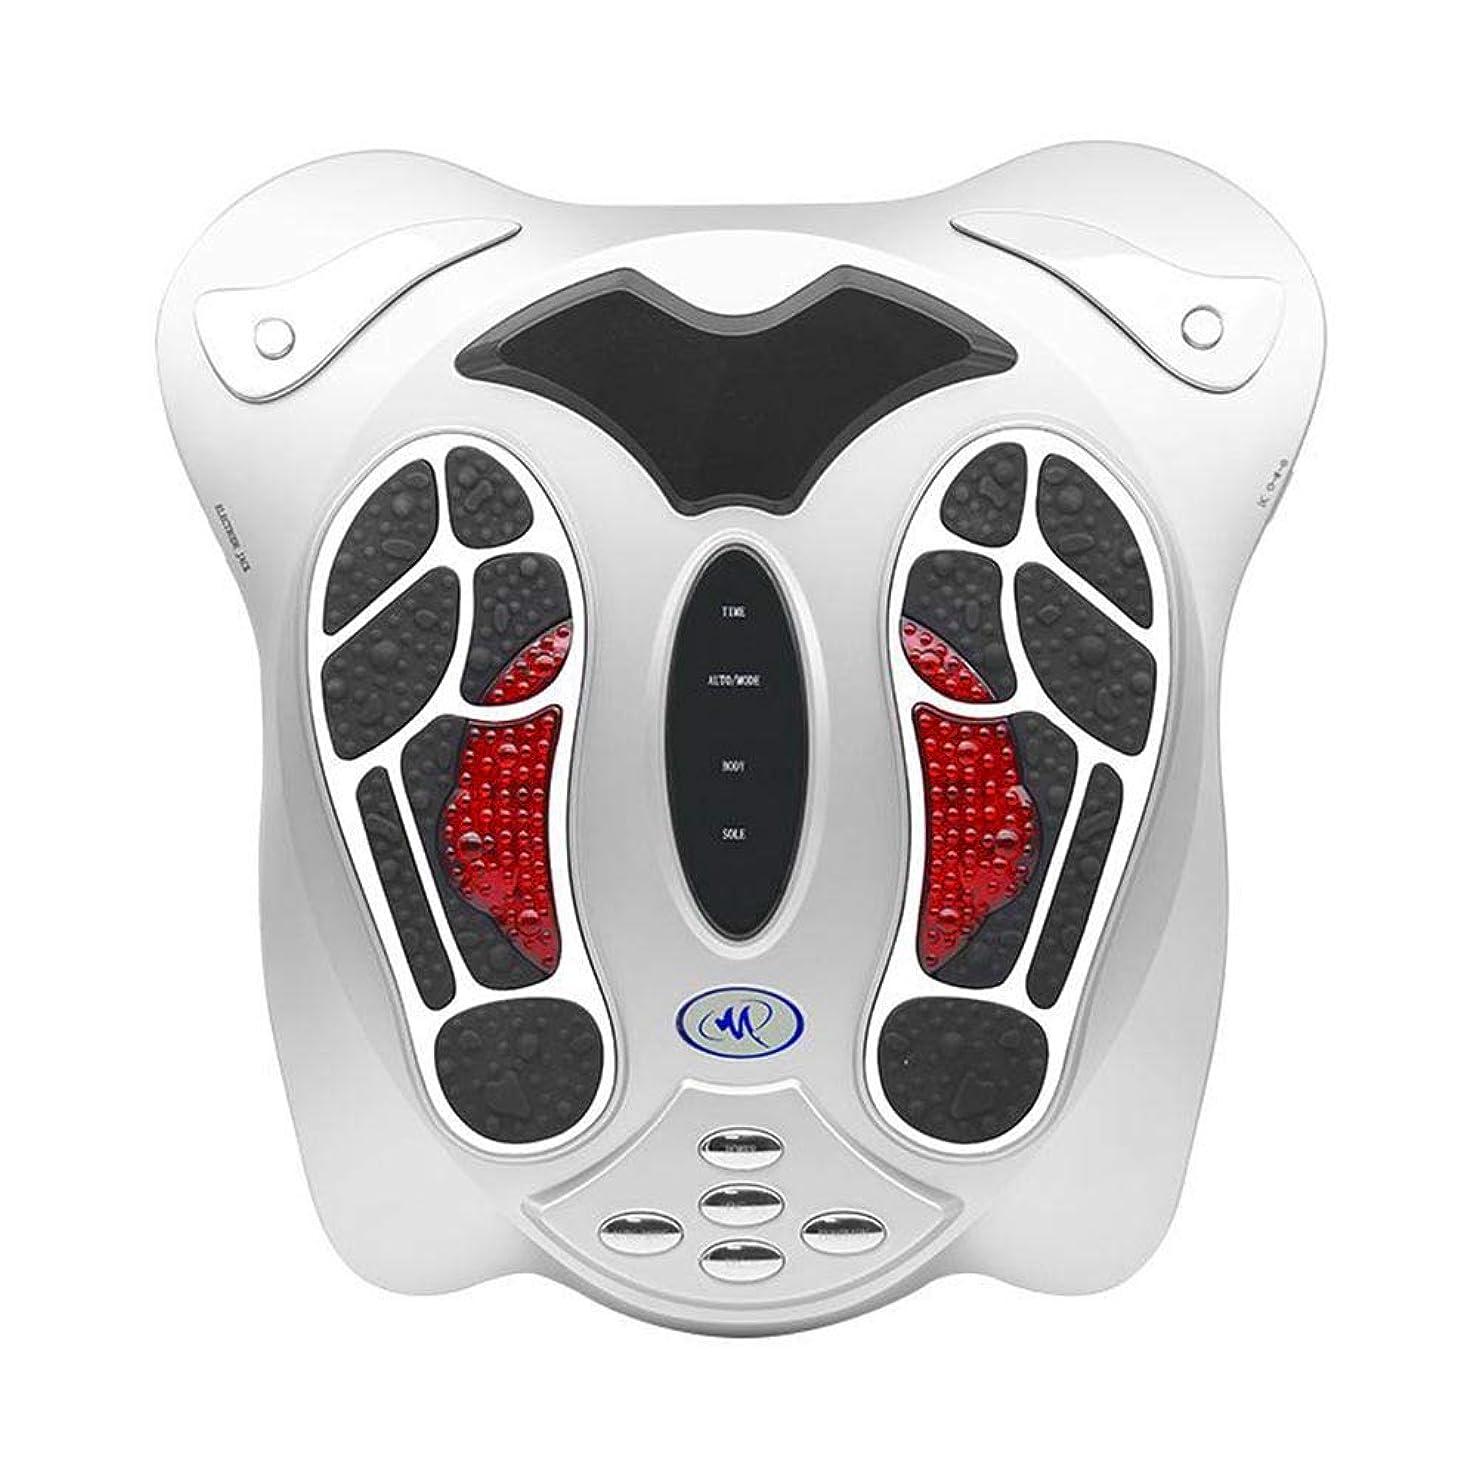 調和実際に法的電磁フットマッサージ、99の調整可能な強度、フットケア、そして自宅やオフィスでのストレス解消